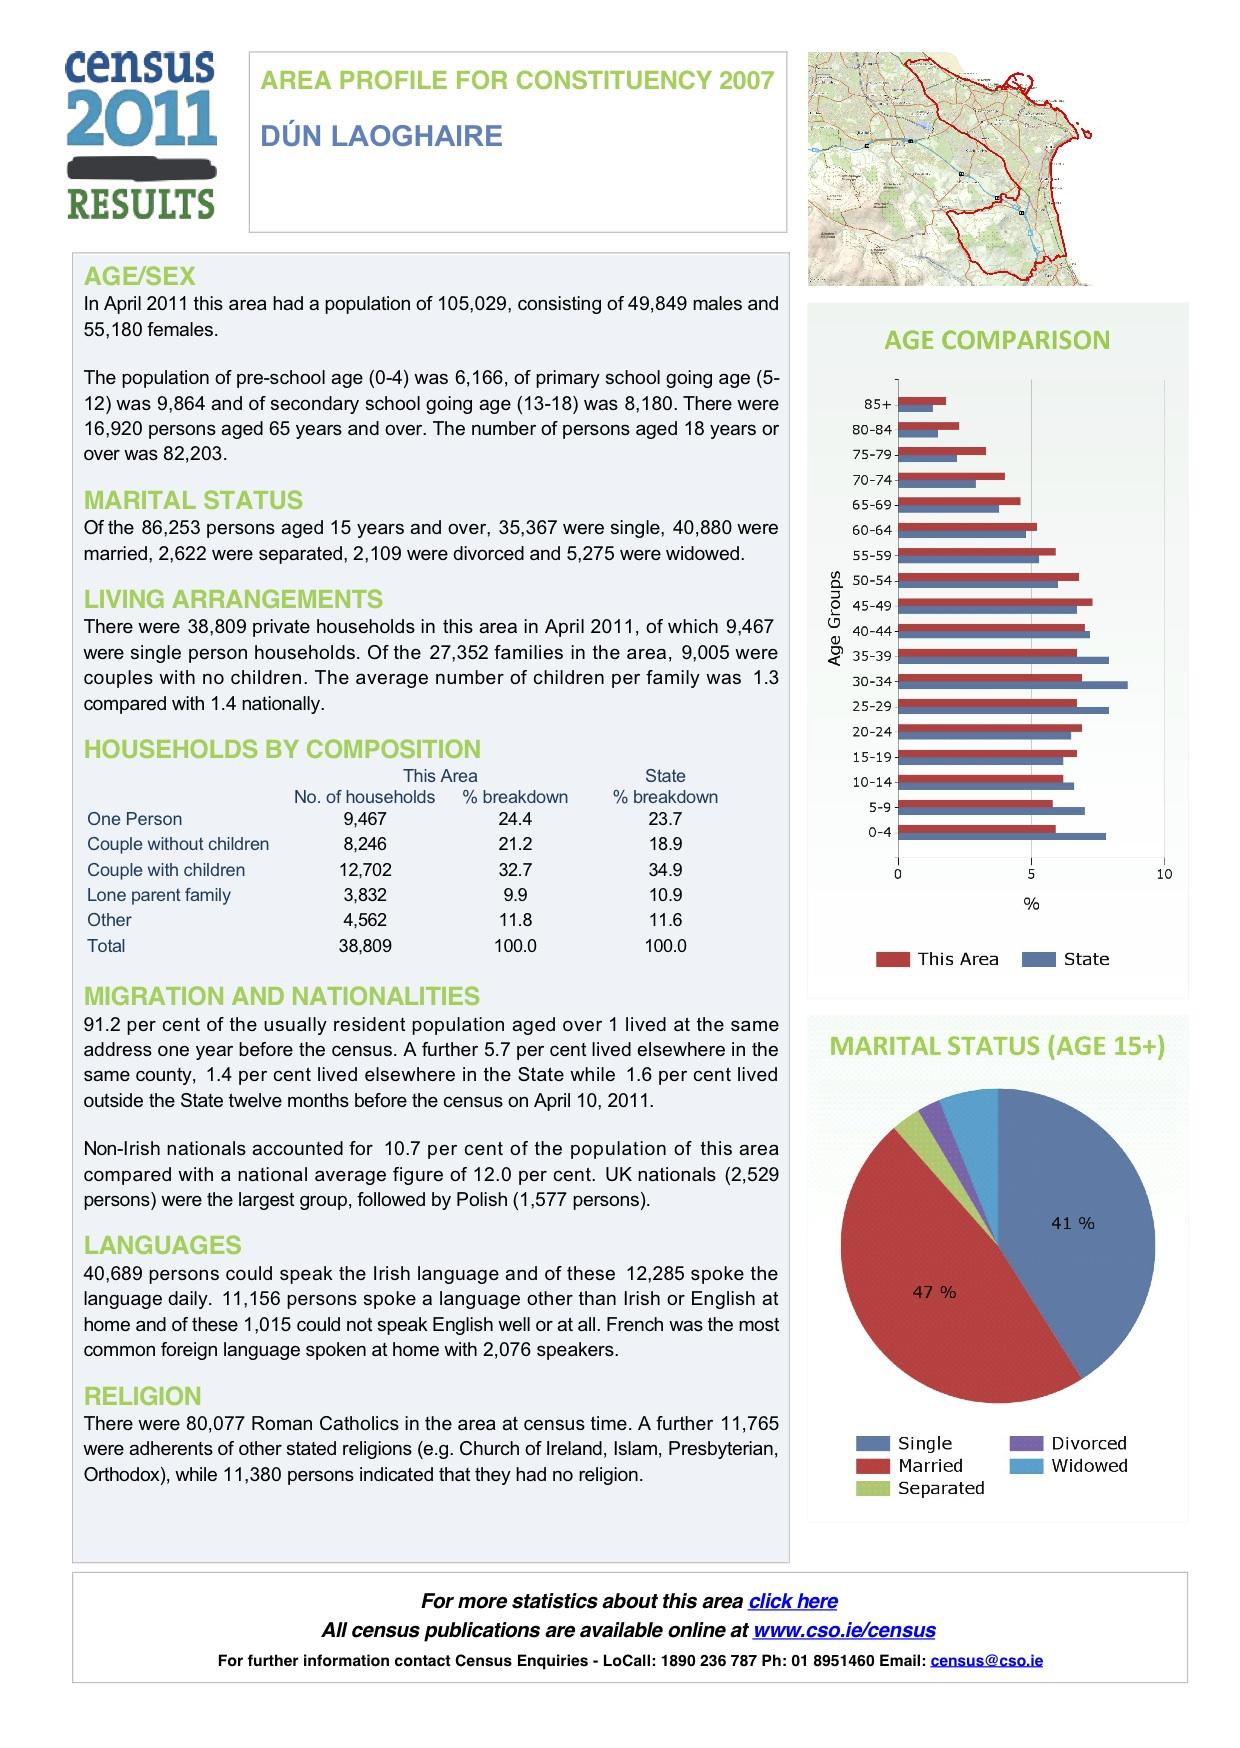 Census2011.jpg